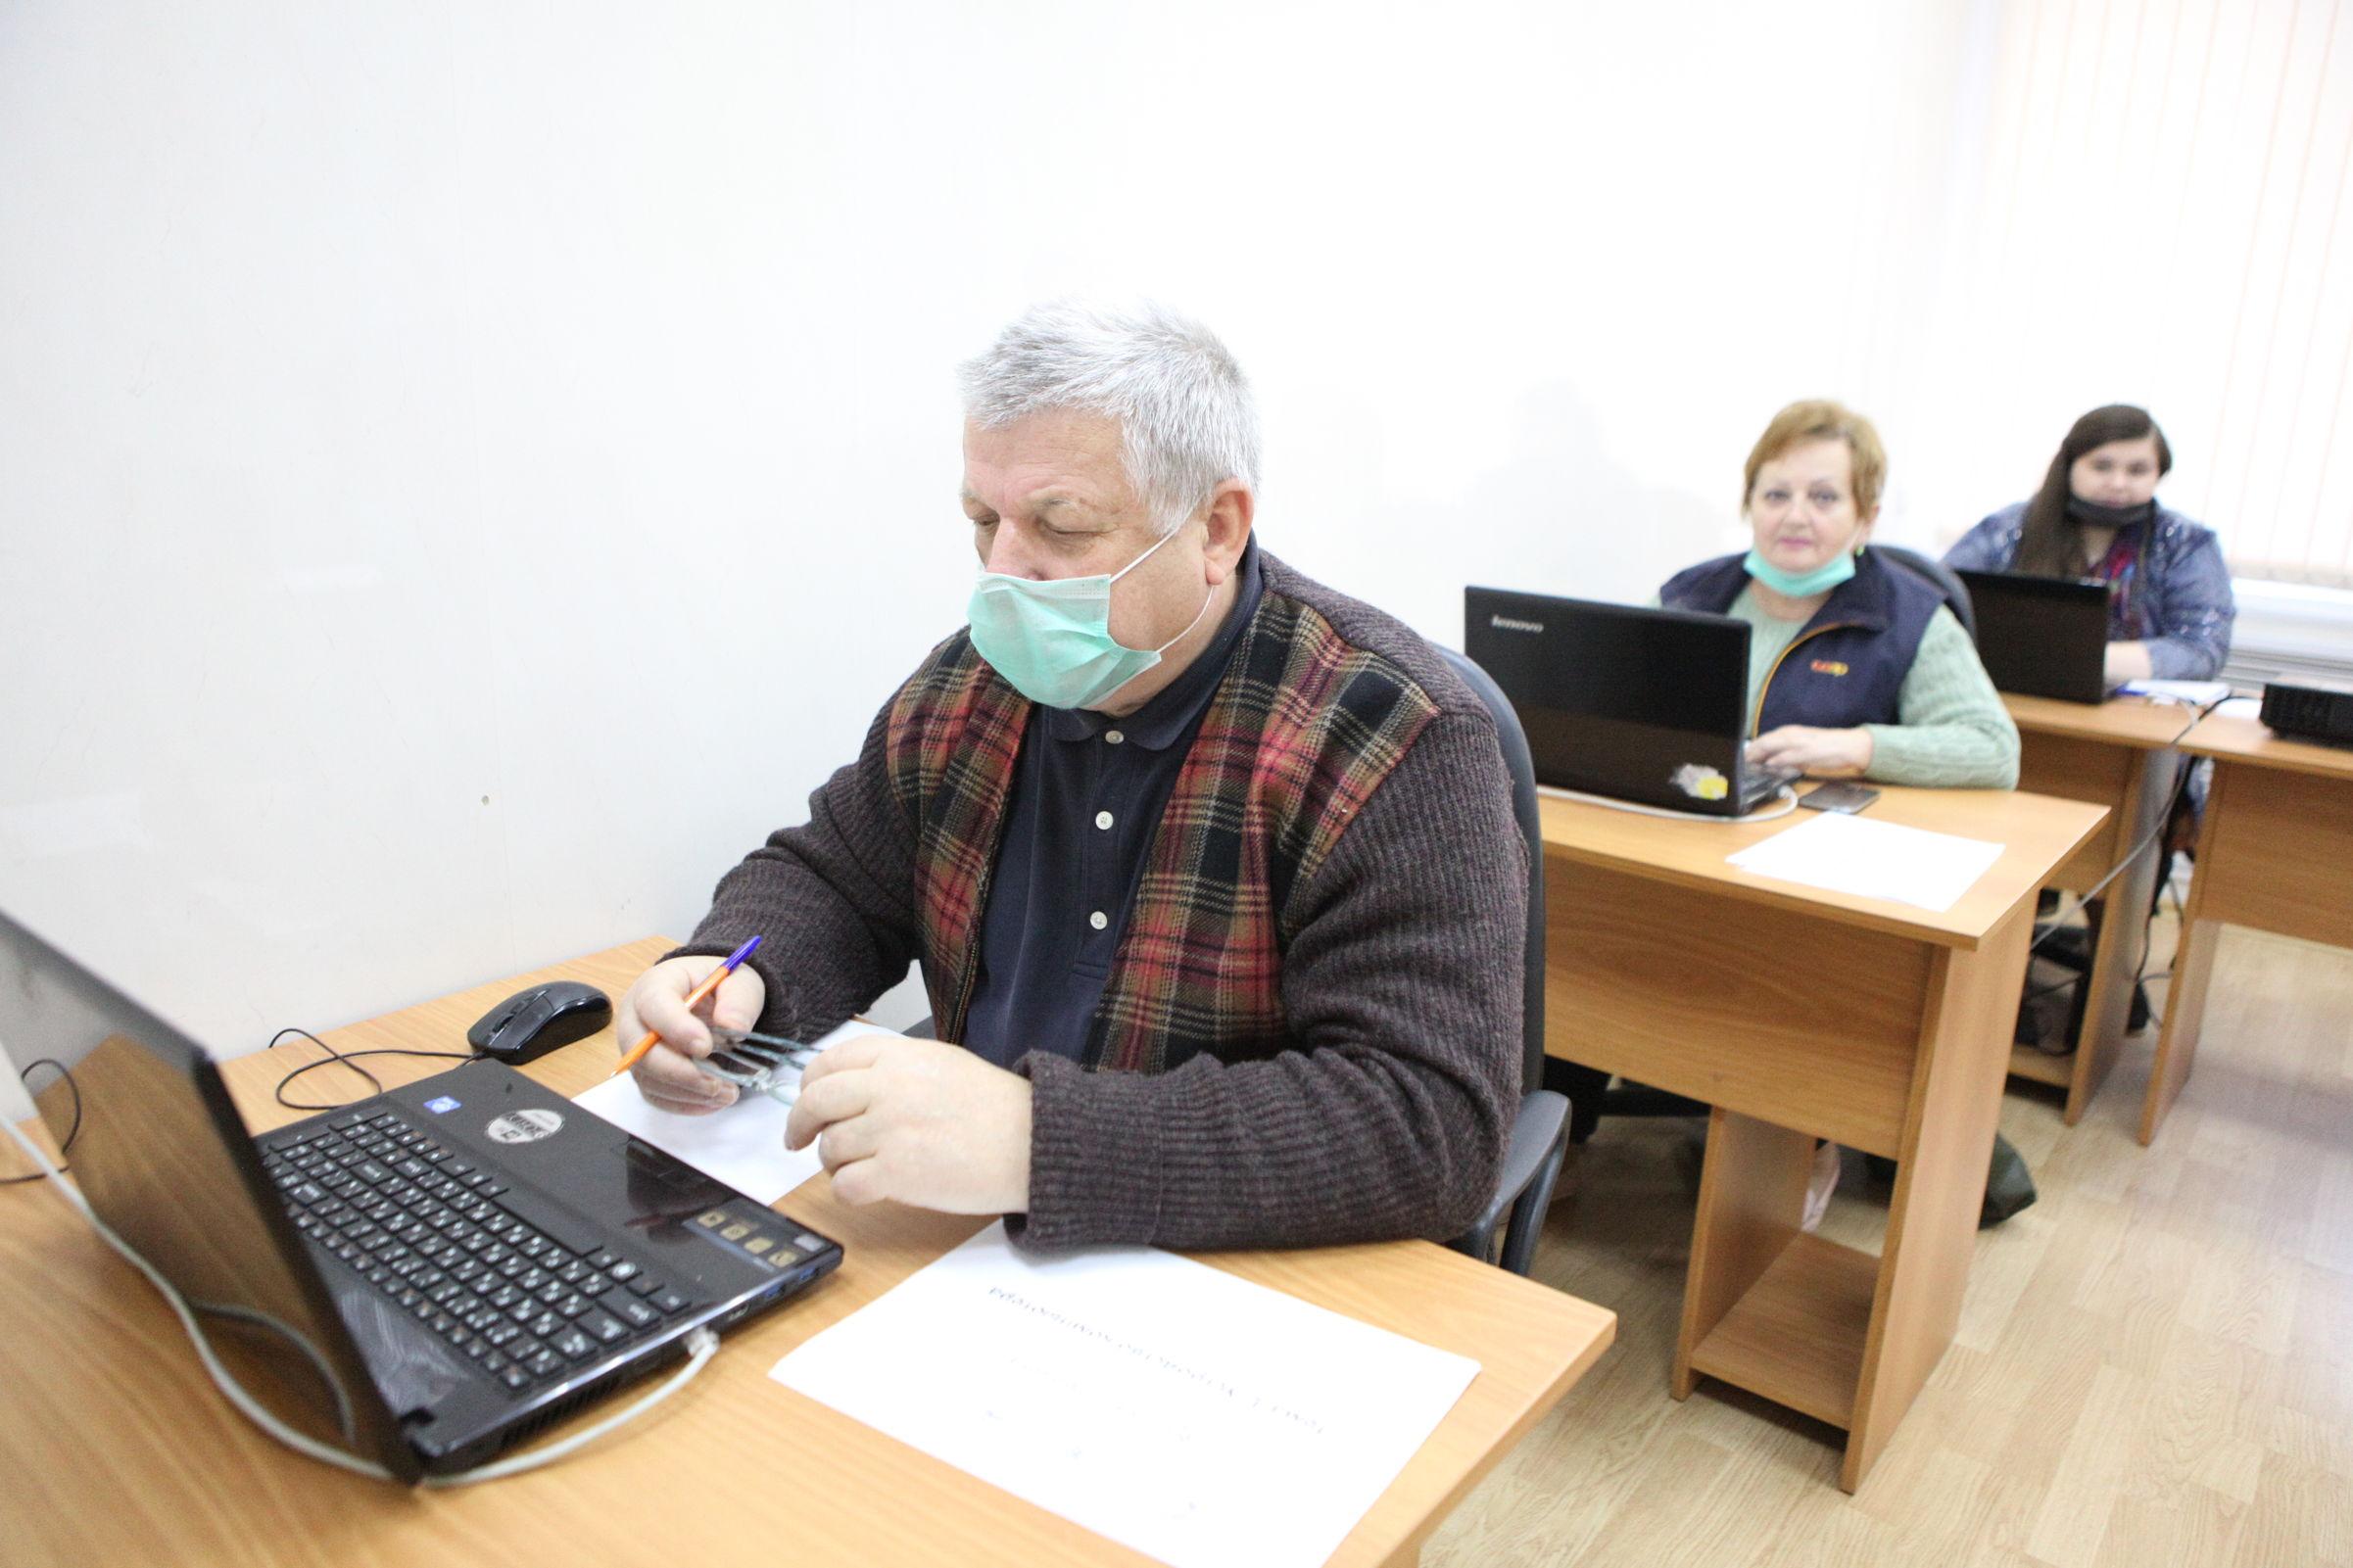 Общаться, читать, платить. Как в Ярославской области проходят курсы компьютерной грамотности для пенсионеров